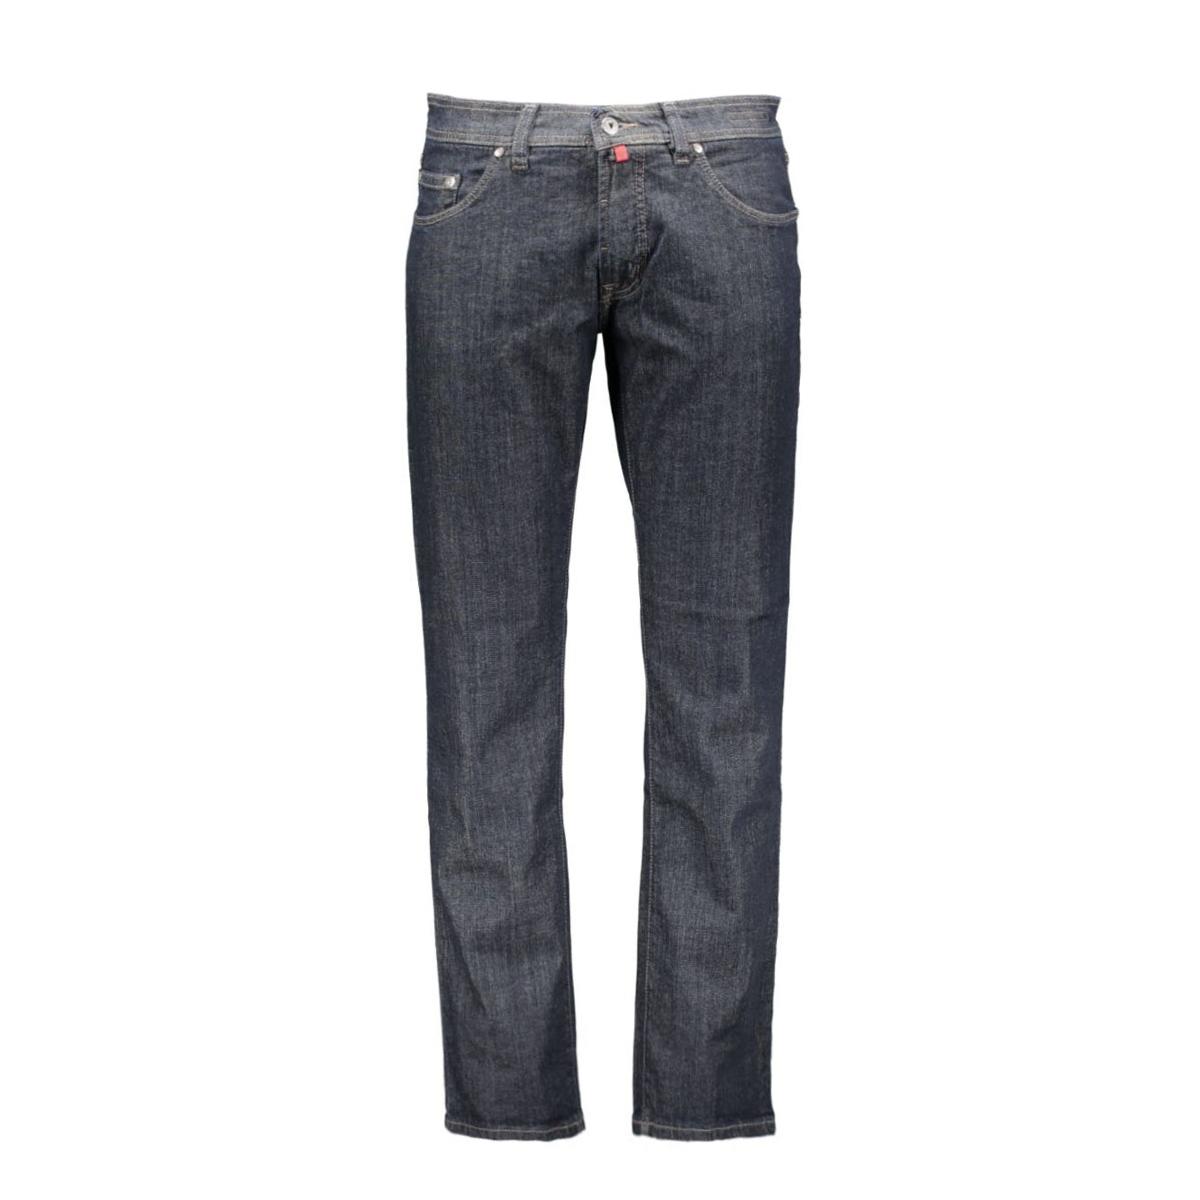 deauville 3196 7280 pierre cardin jeans 04